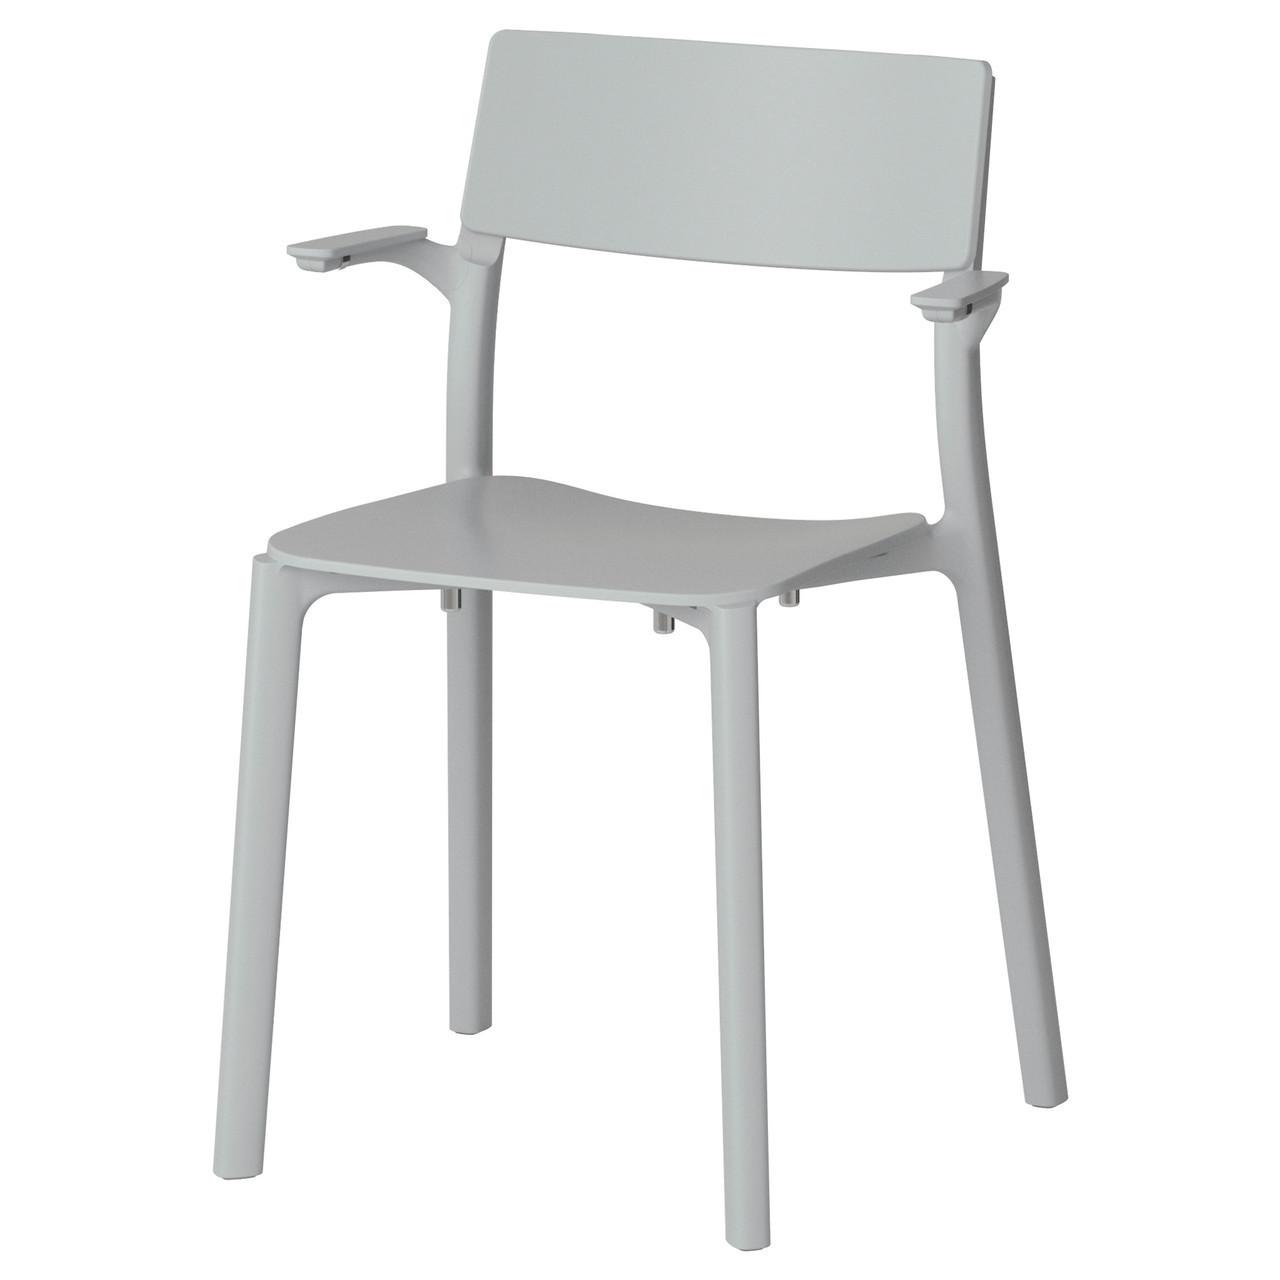 Стул IKEA JANINGE подлокотниками серый 402.805.17